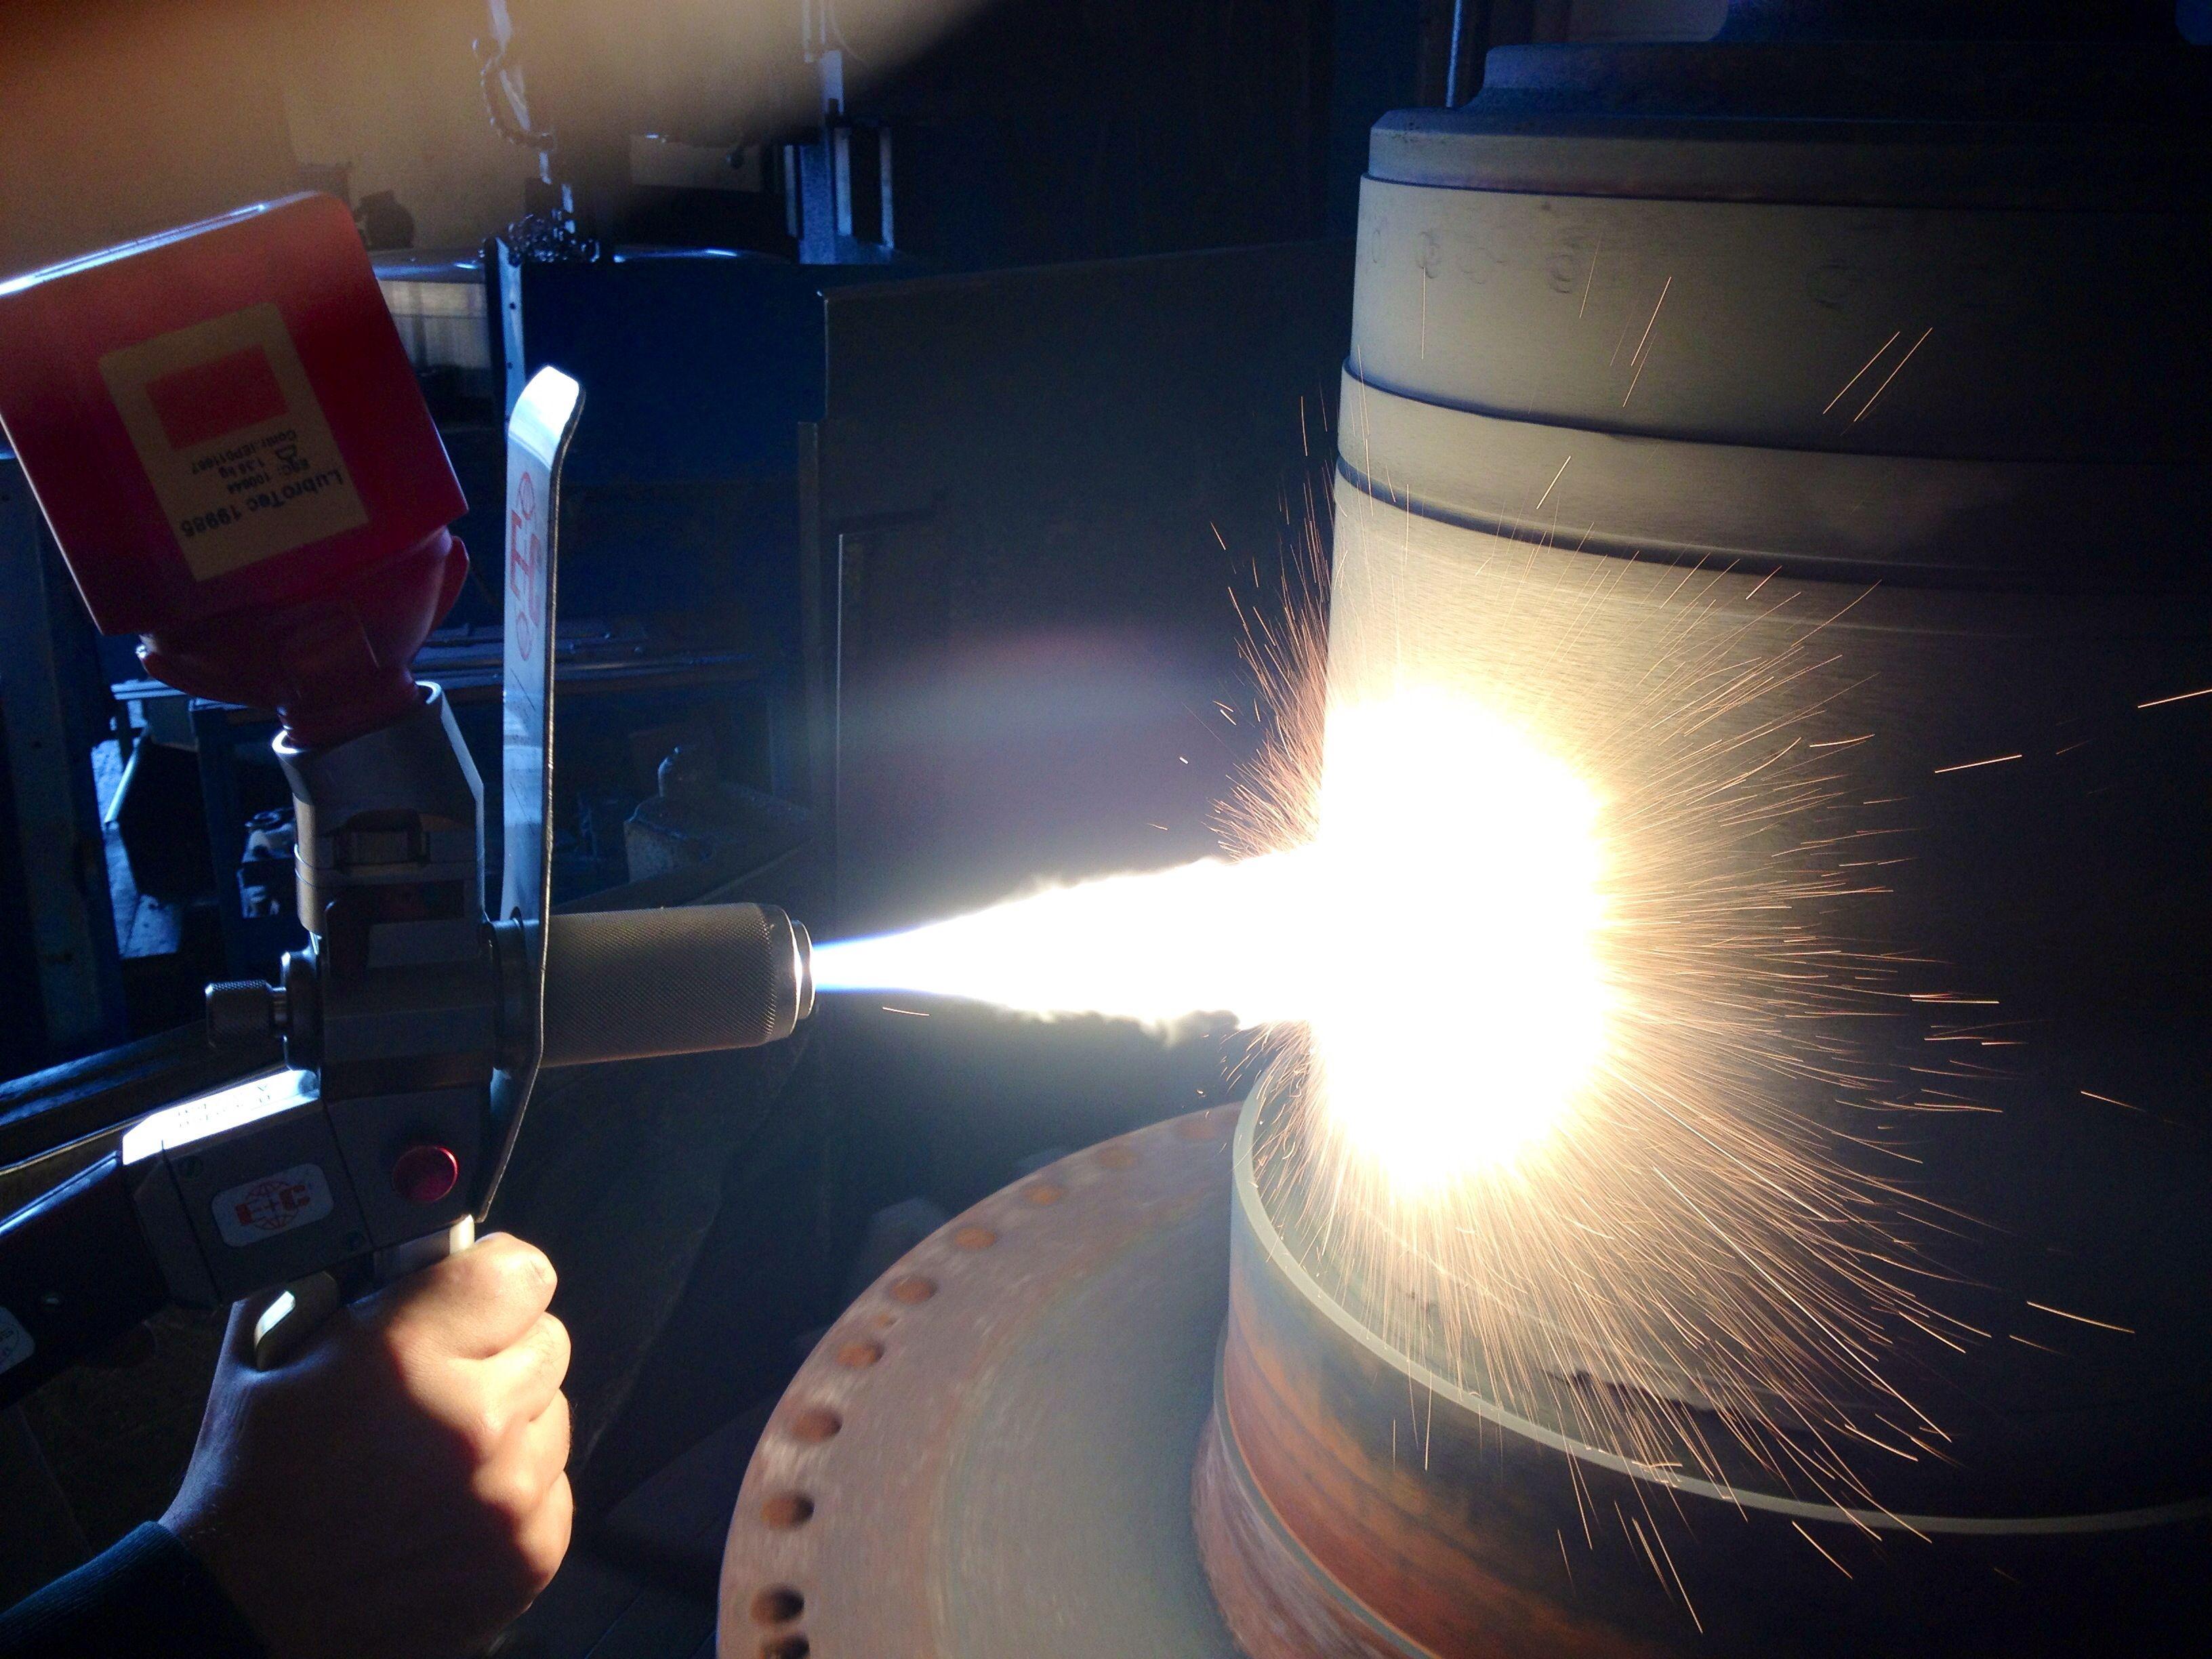 Газопламенное напыление: сущность технологии, установки